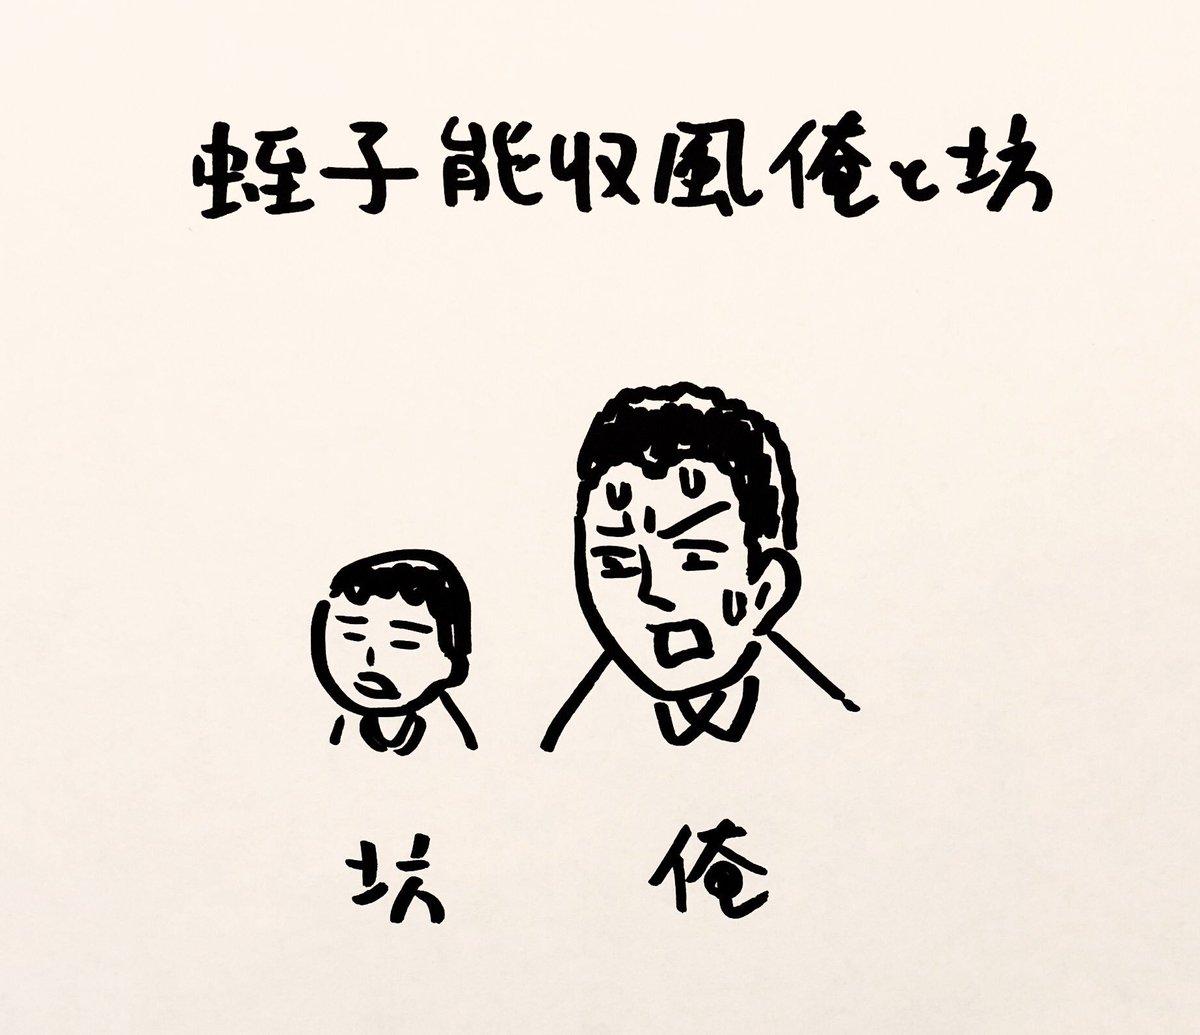 test ツイッターメディア - 蛭子能収風俺と坊の似顔絵。 https://t.co/roXcvXS3Fx